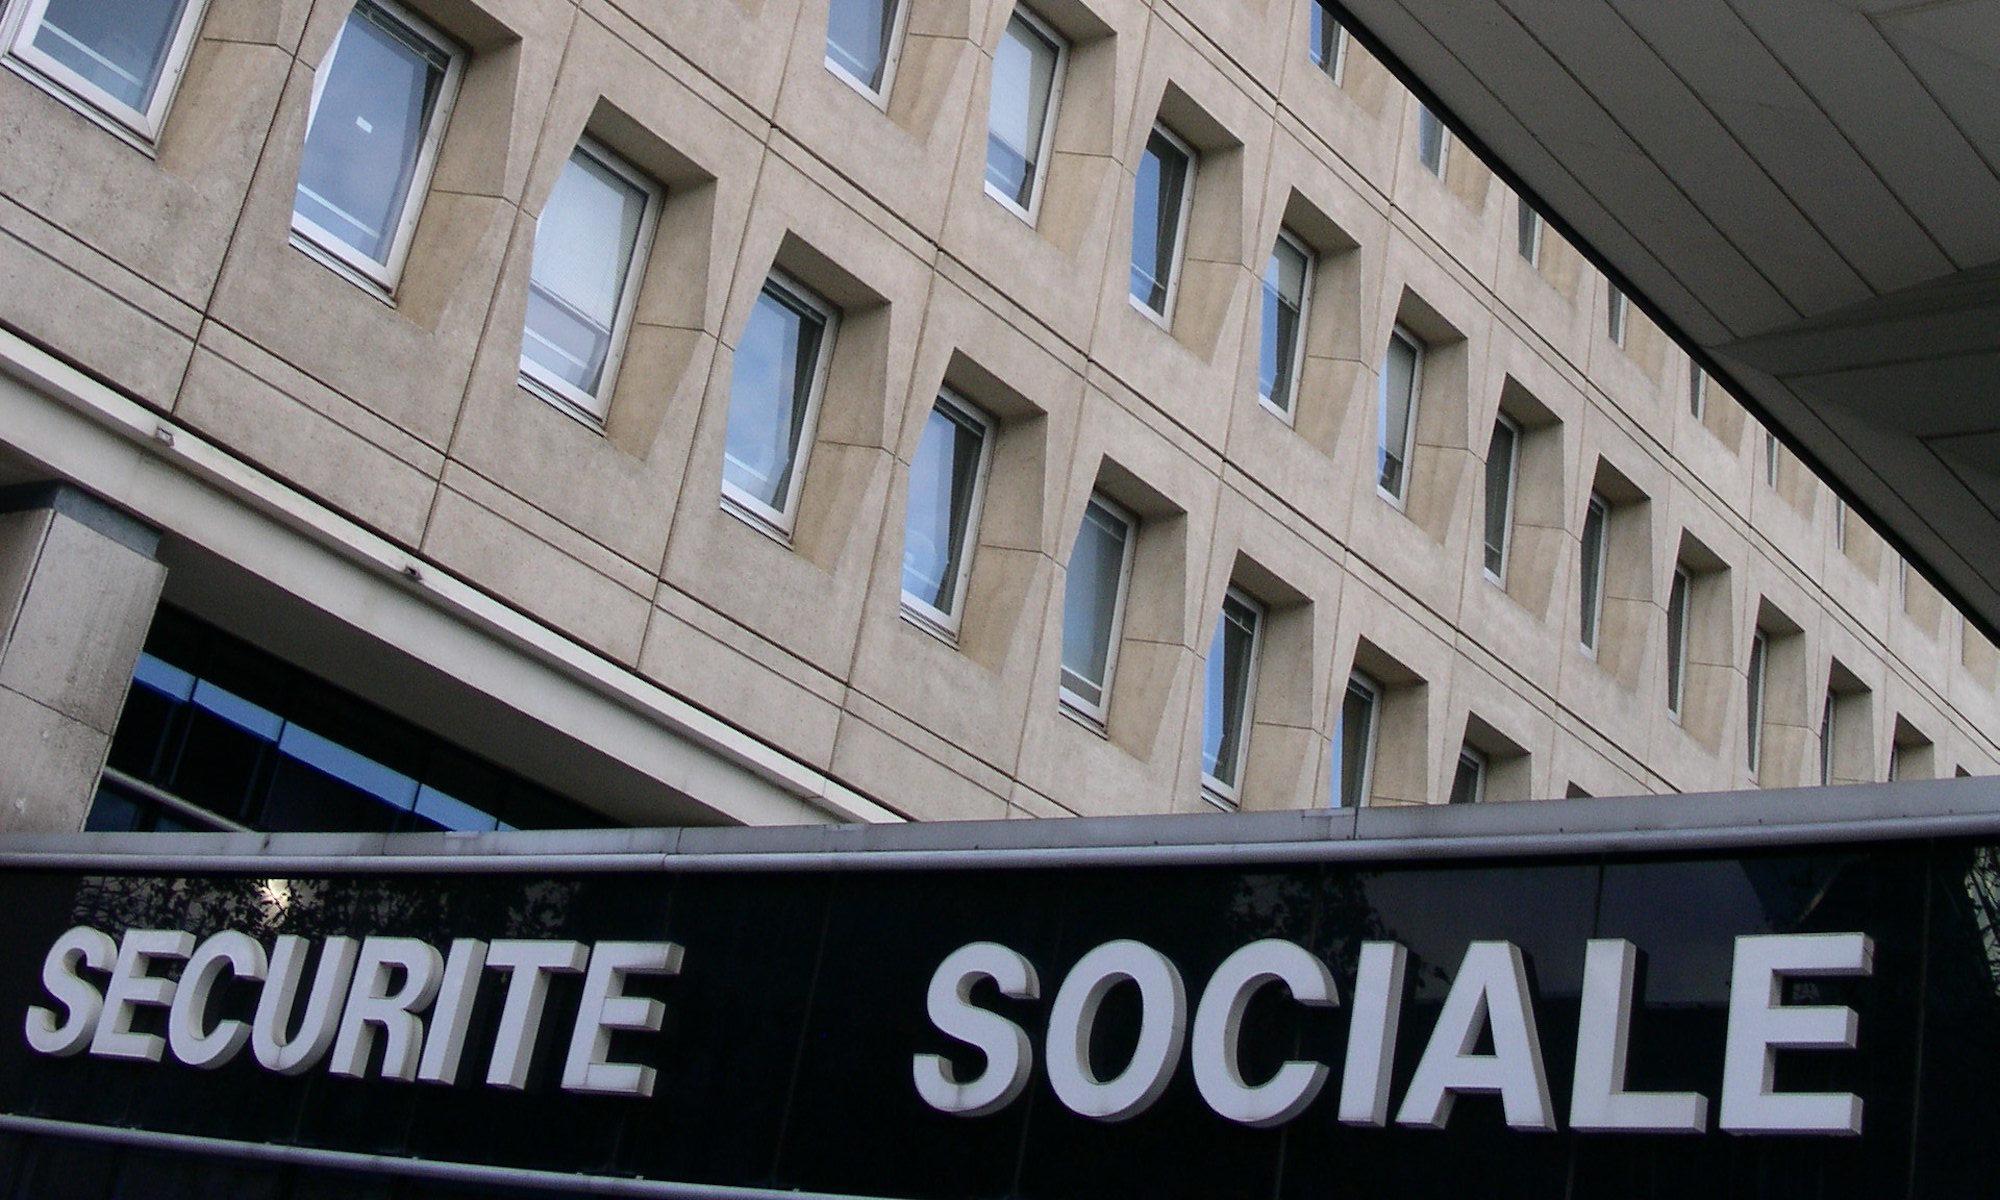 Sécurité social Rennes, Public Domain par 01.Camille https://commons.wikimedia.org/wiki/File:S%C3%A9curit%C3%A9_sociale_Rennes.JPG